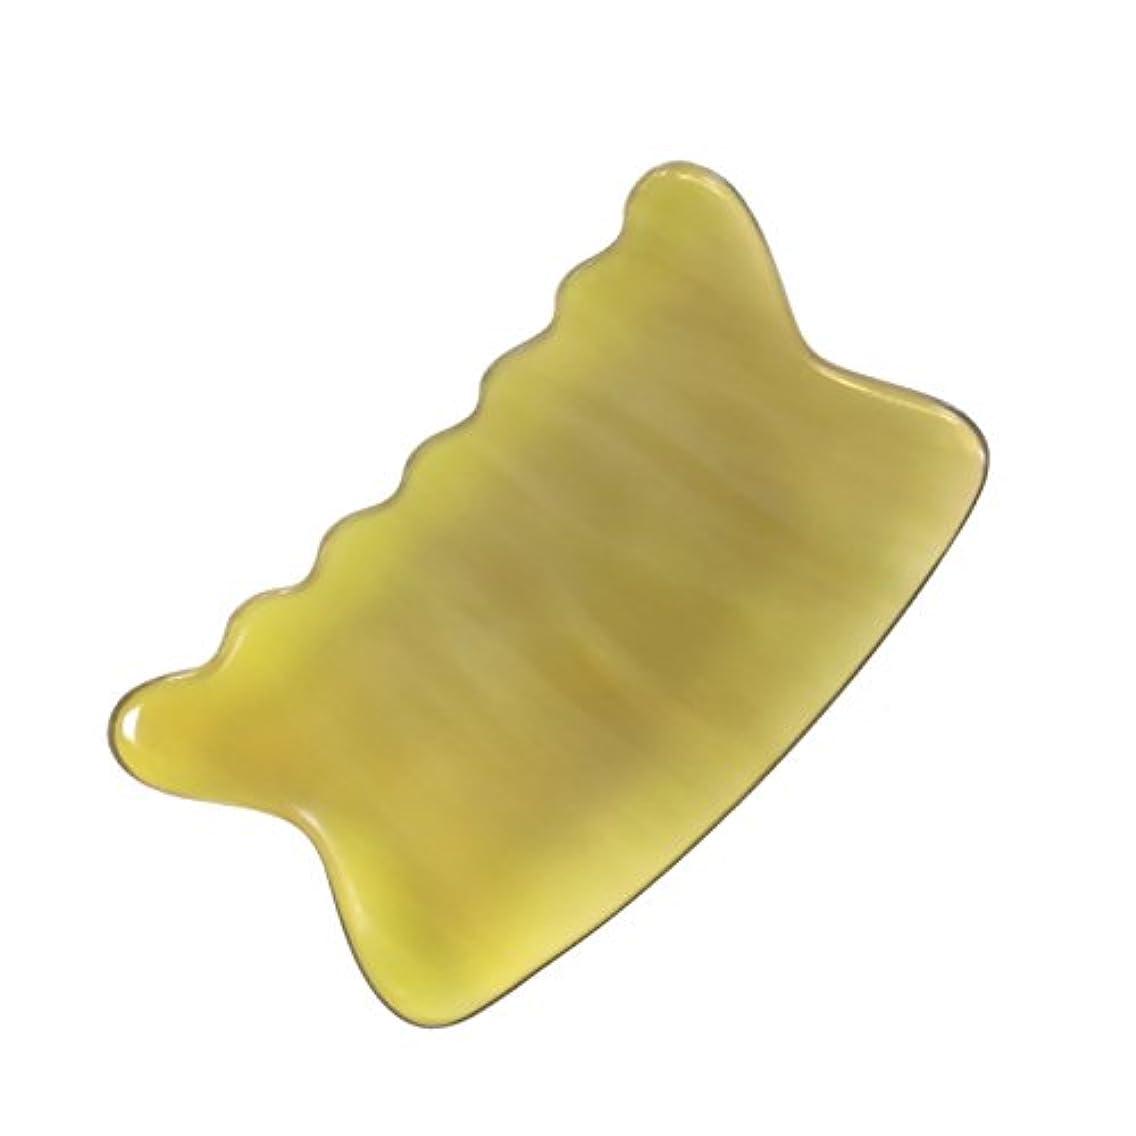 ずっと王族ごみかっさ プレート 希少57 黄水牛角 極美品 曲波型